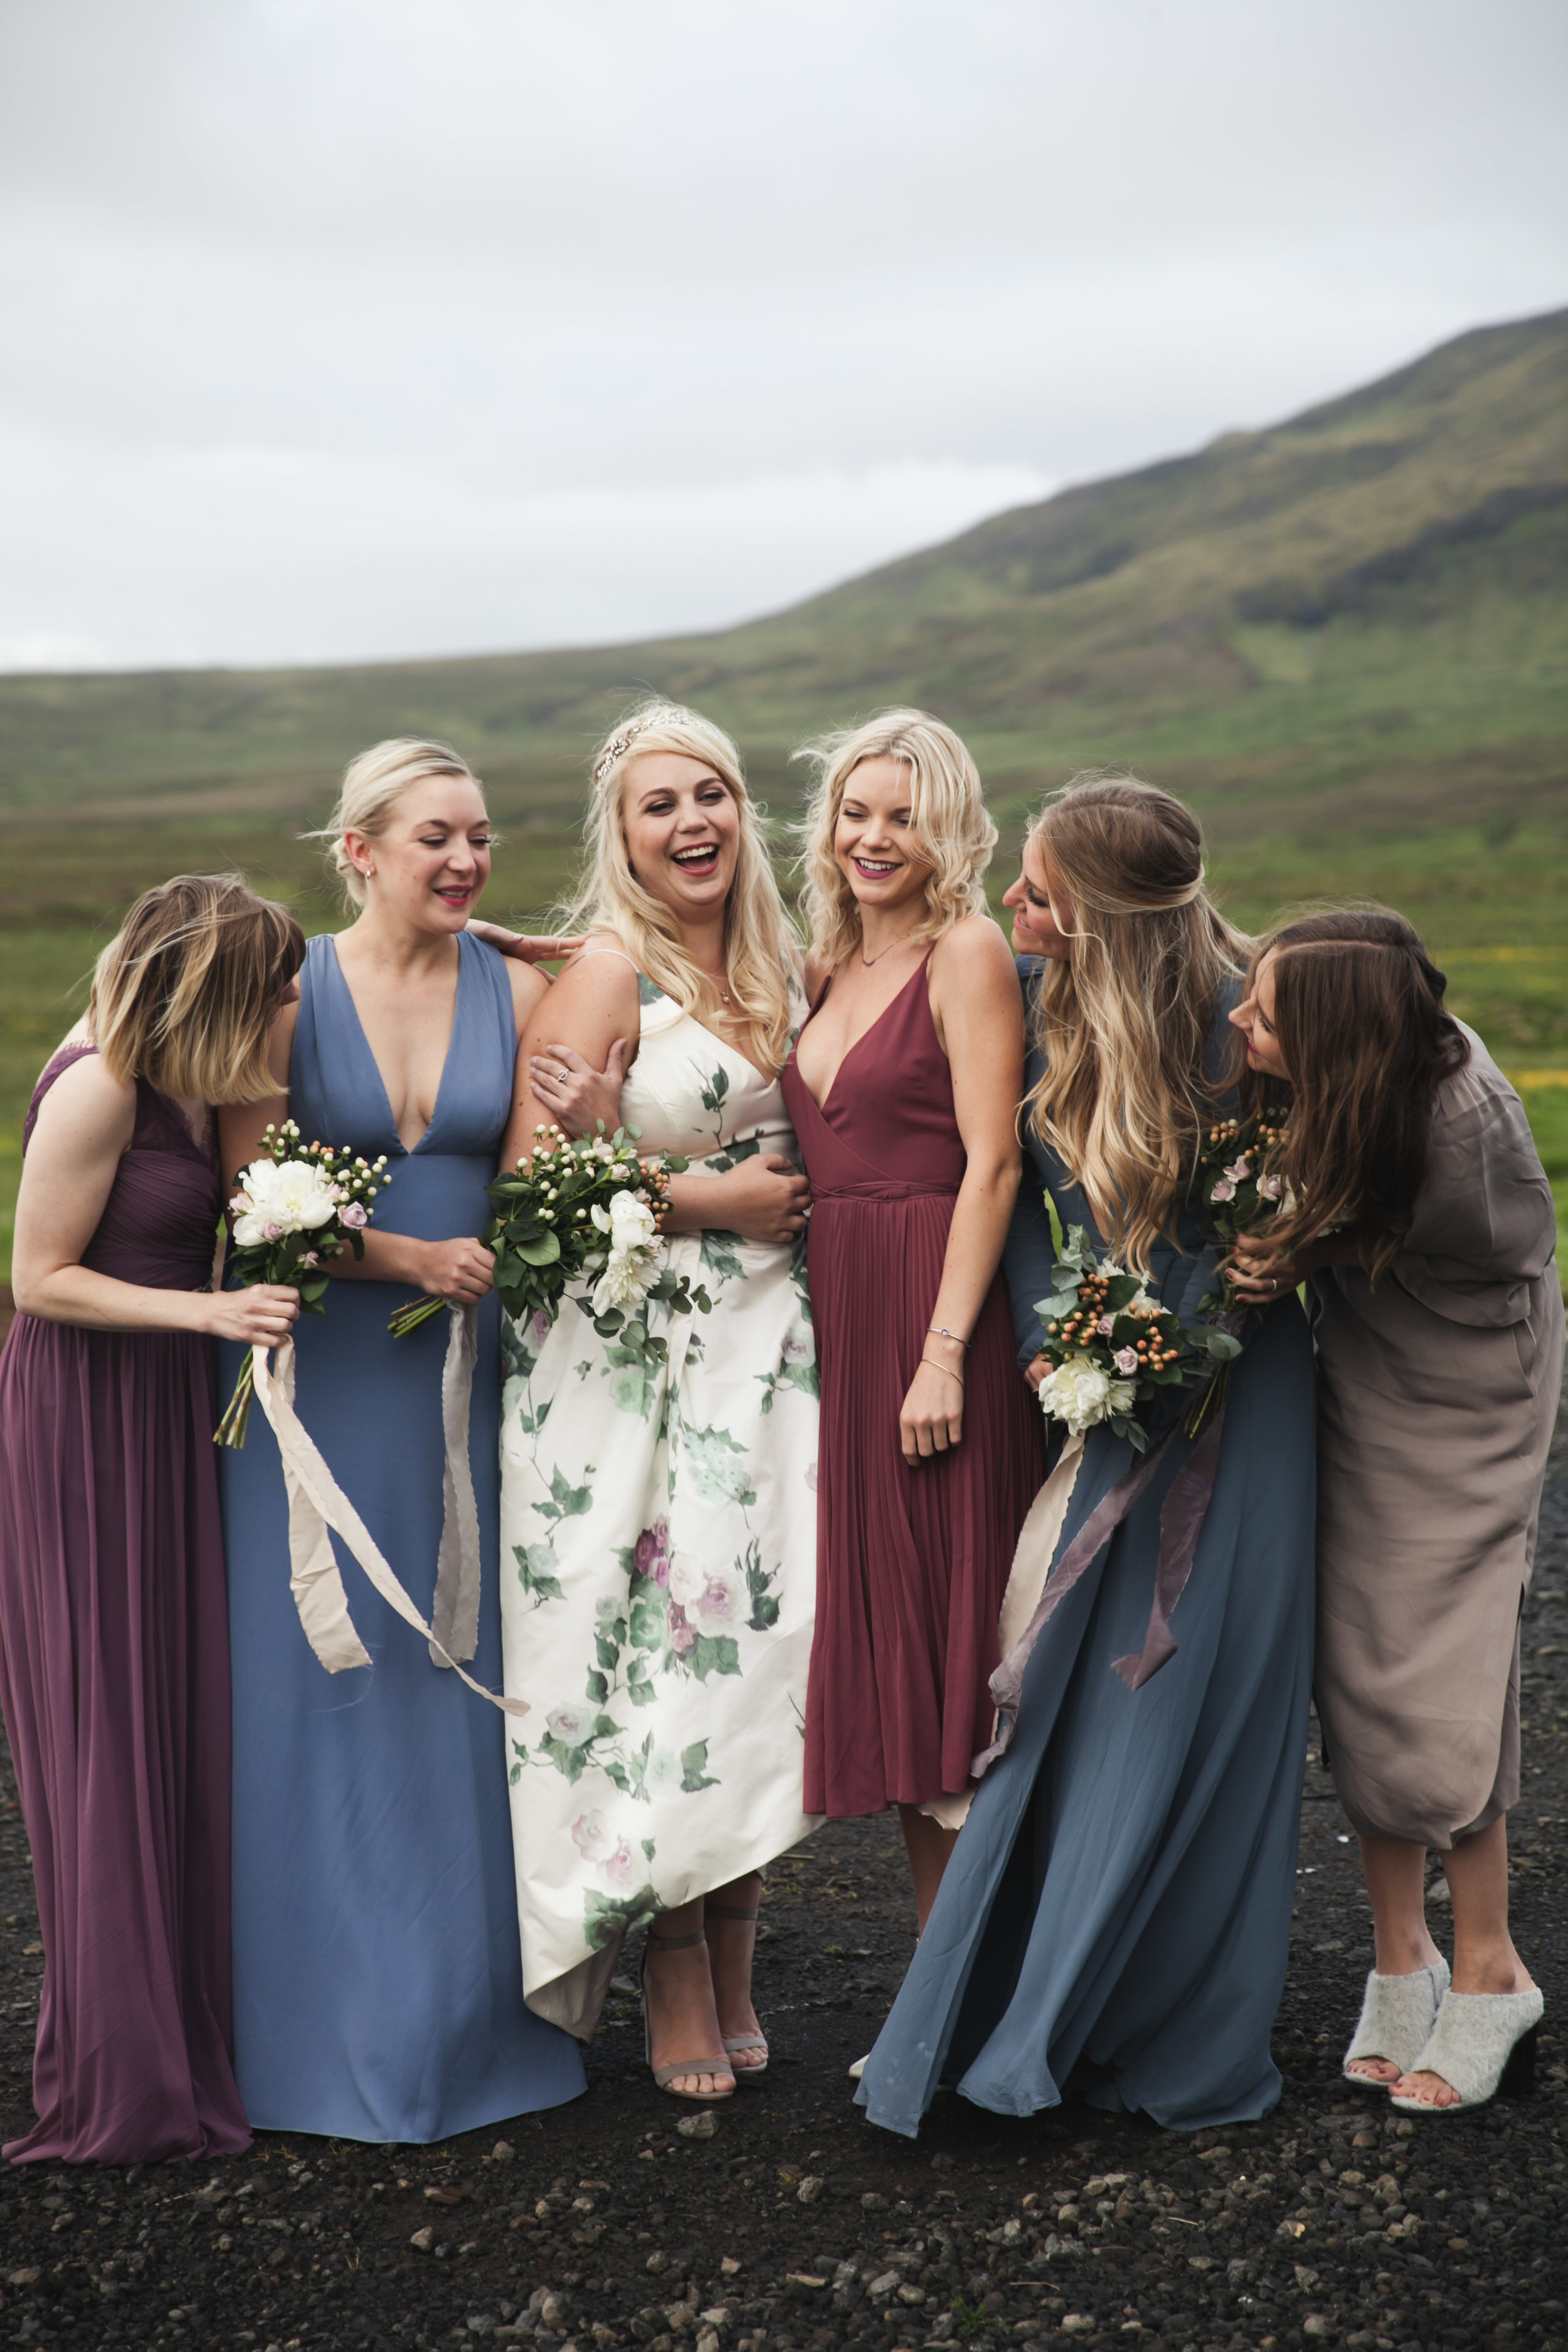 LisaDiederichPhotography_IcelandWedding_Kelsey&Zack-46.jpg